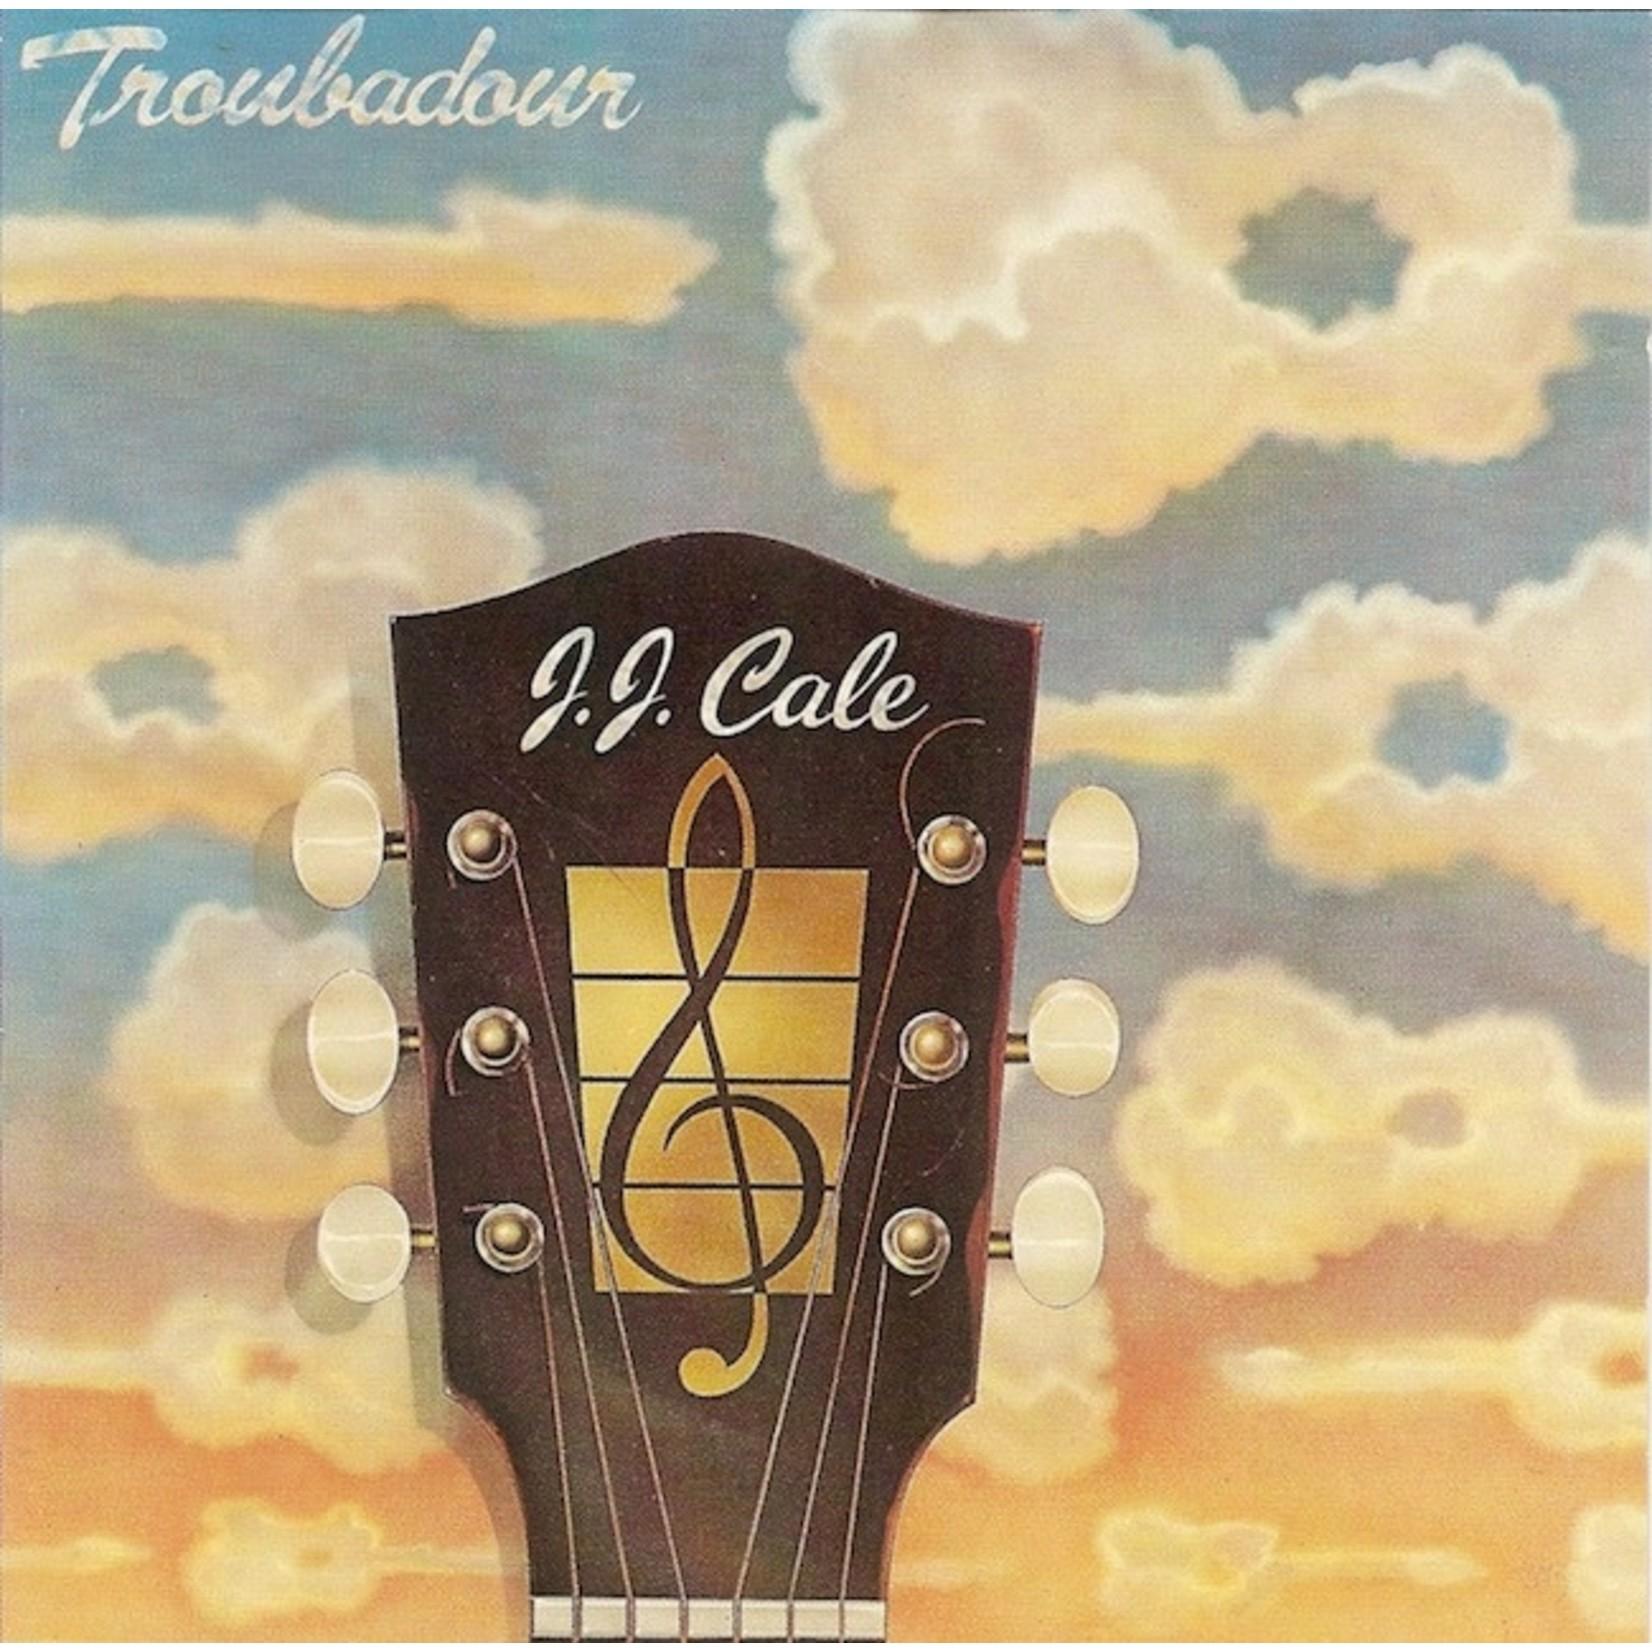 [Vintage] Cale, JJ: Troubadour